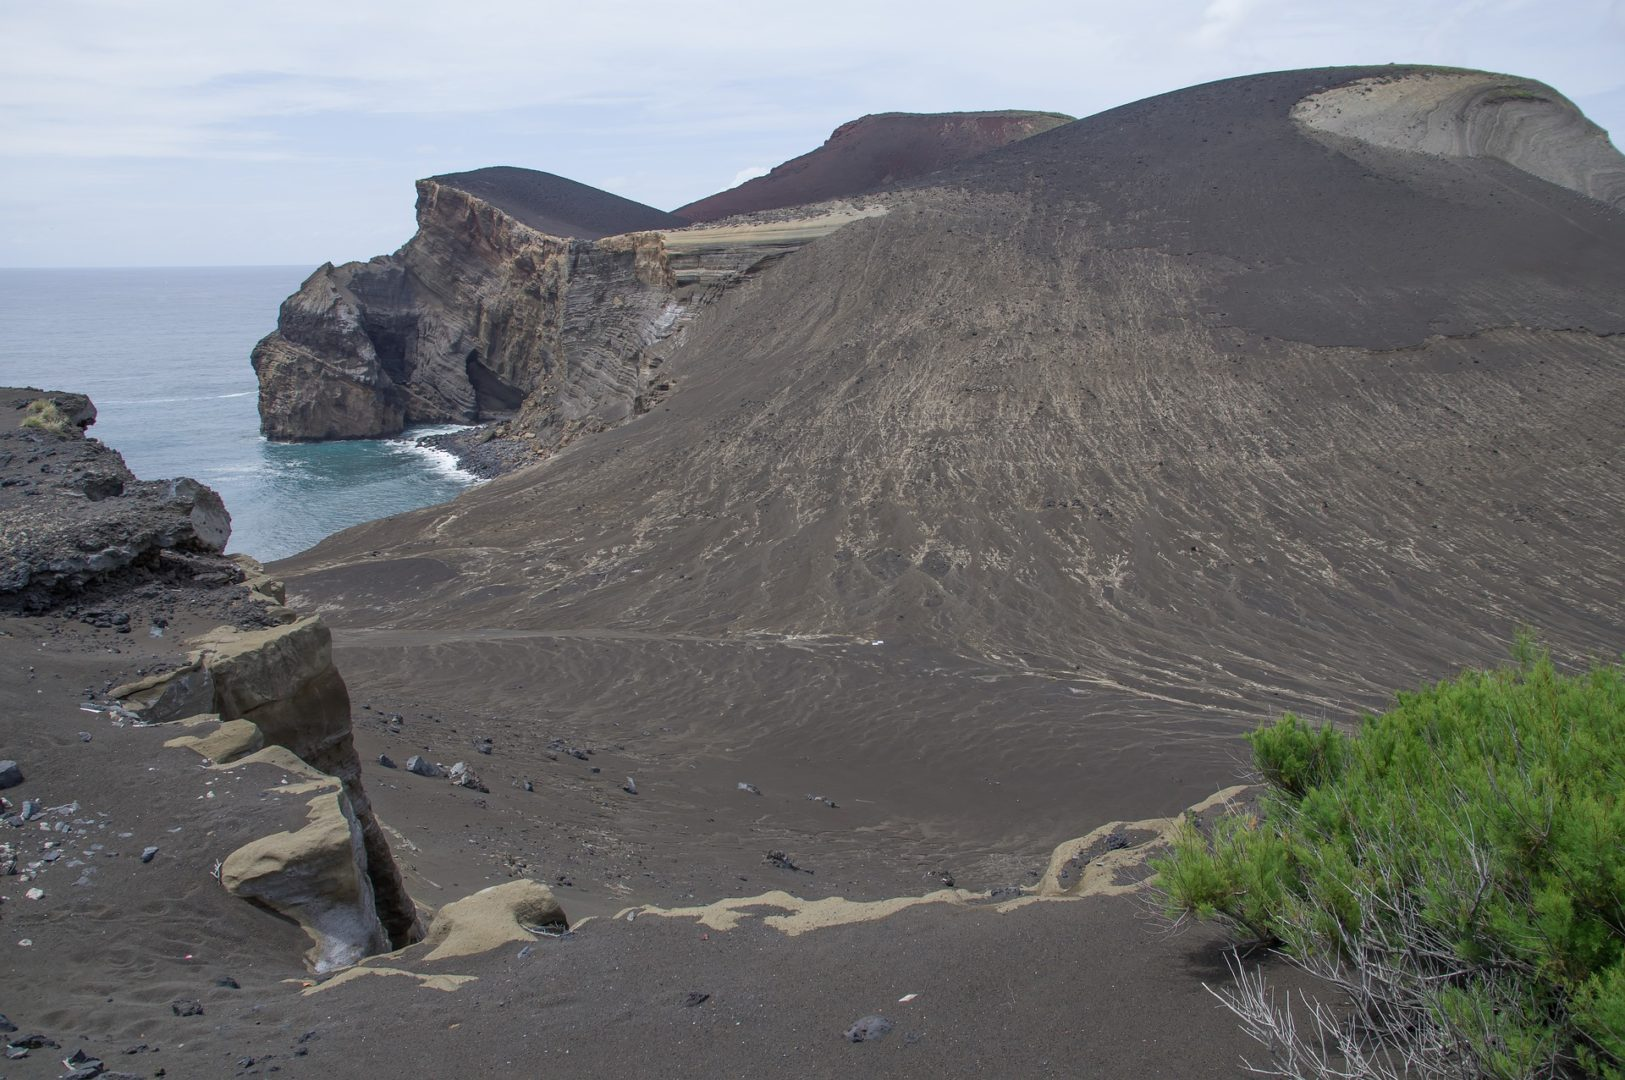 Se balader dans les paysages volcaniques lors d'un voyage aux Açores